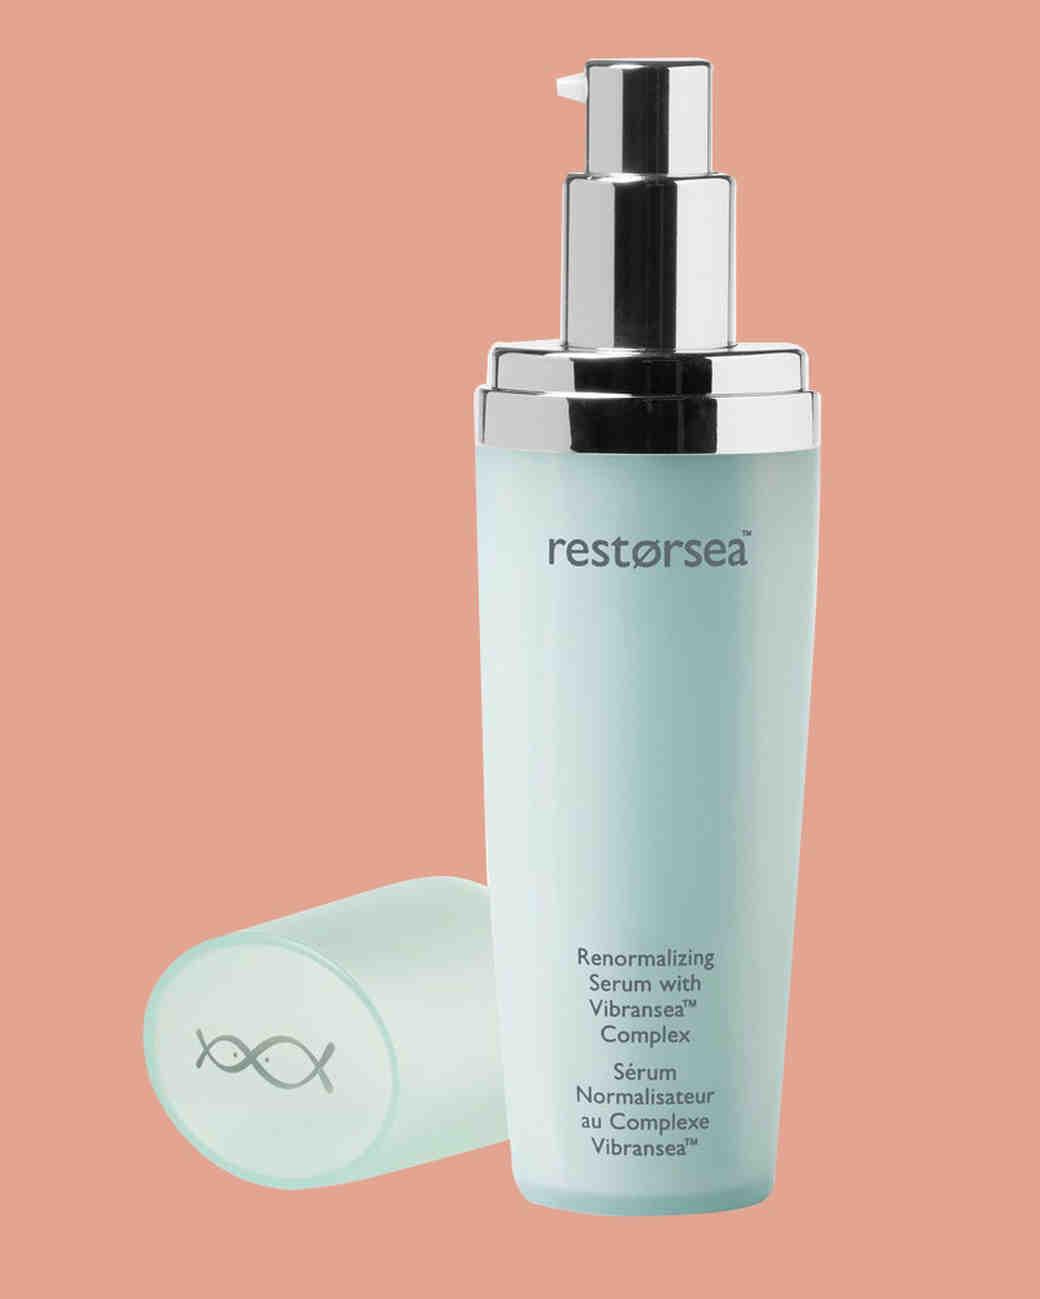 Restorsea Renormalizing Serum with Vibransea Complex